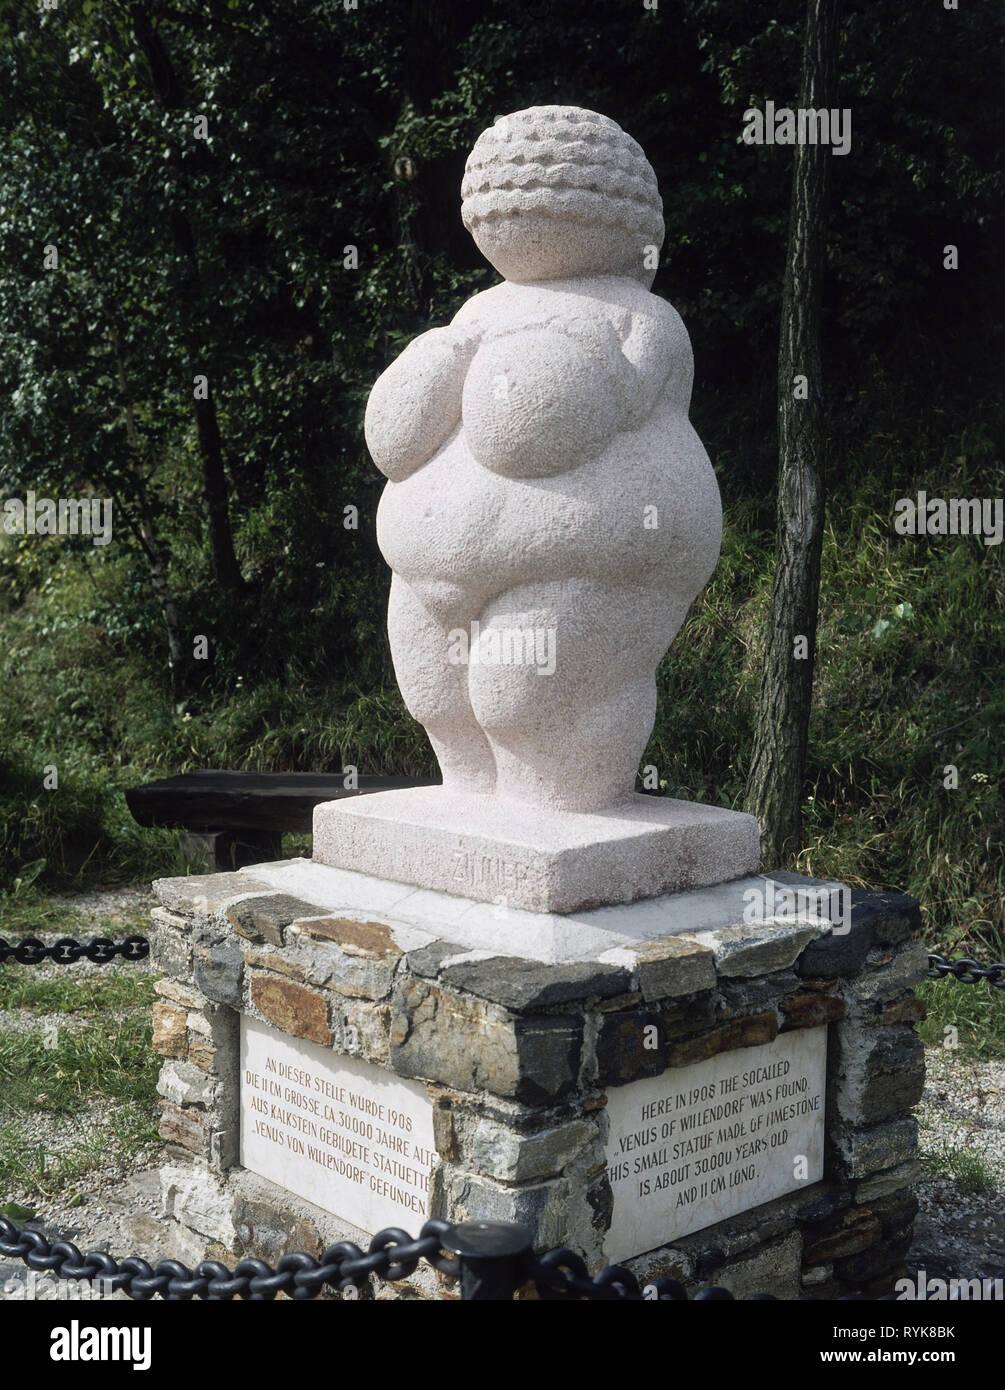 """Vorgeschichte, prähistorischen Zeiten, Schöne Künste, """"Venus von Willendorf"""" (Nachbau), Willendorf in der Wachau, Additional-Rights - Clearance-Info - Not-Available Stockbild"""